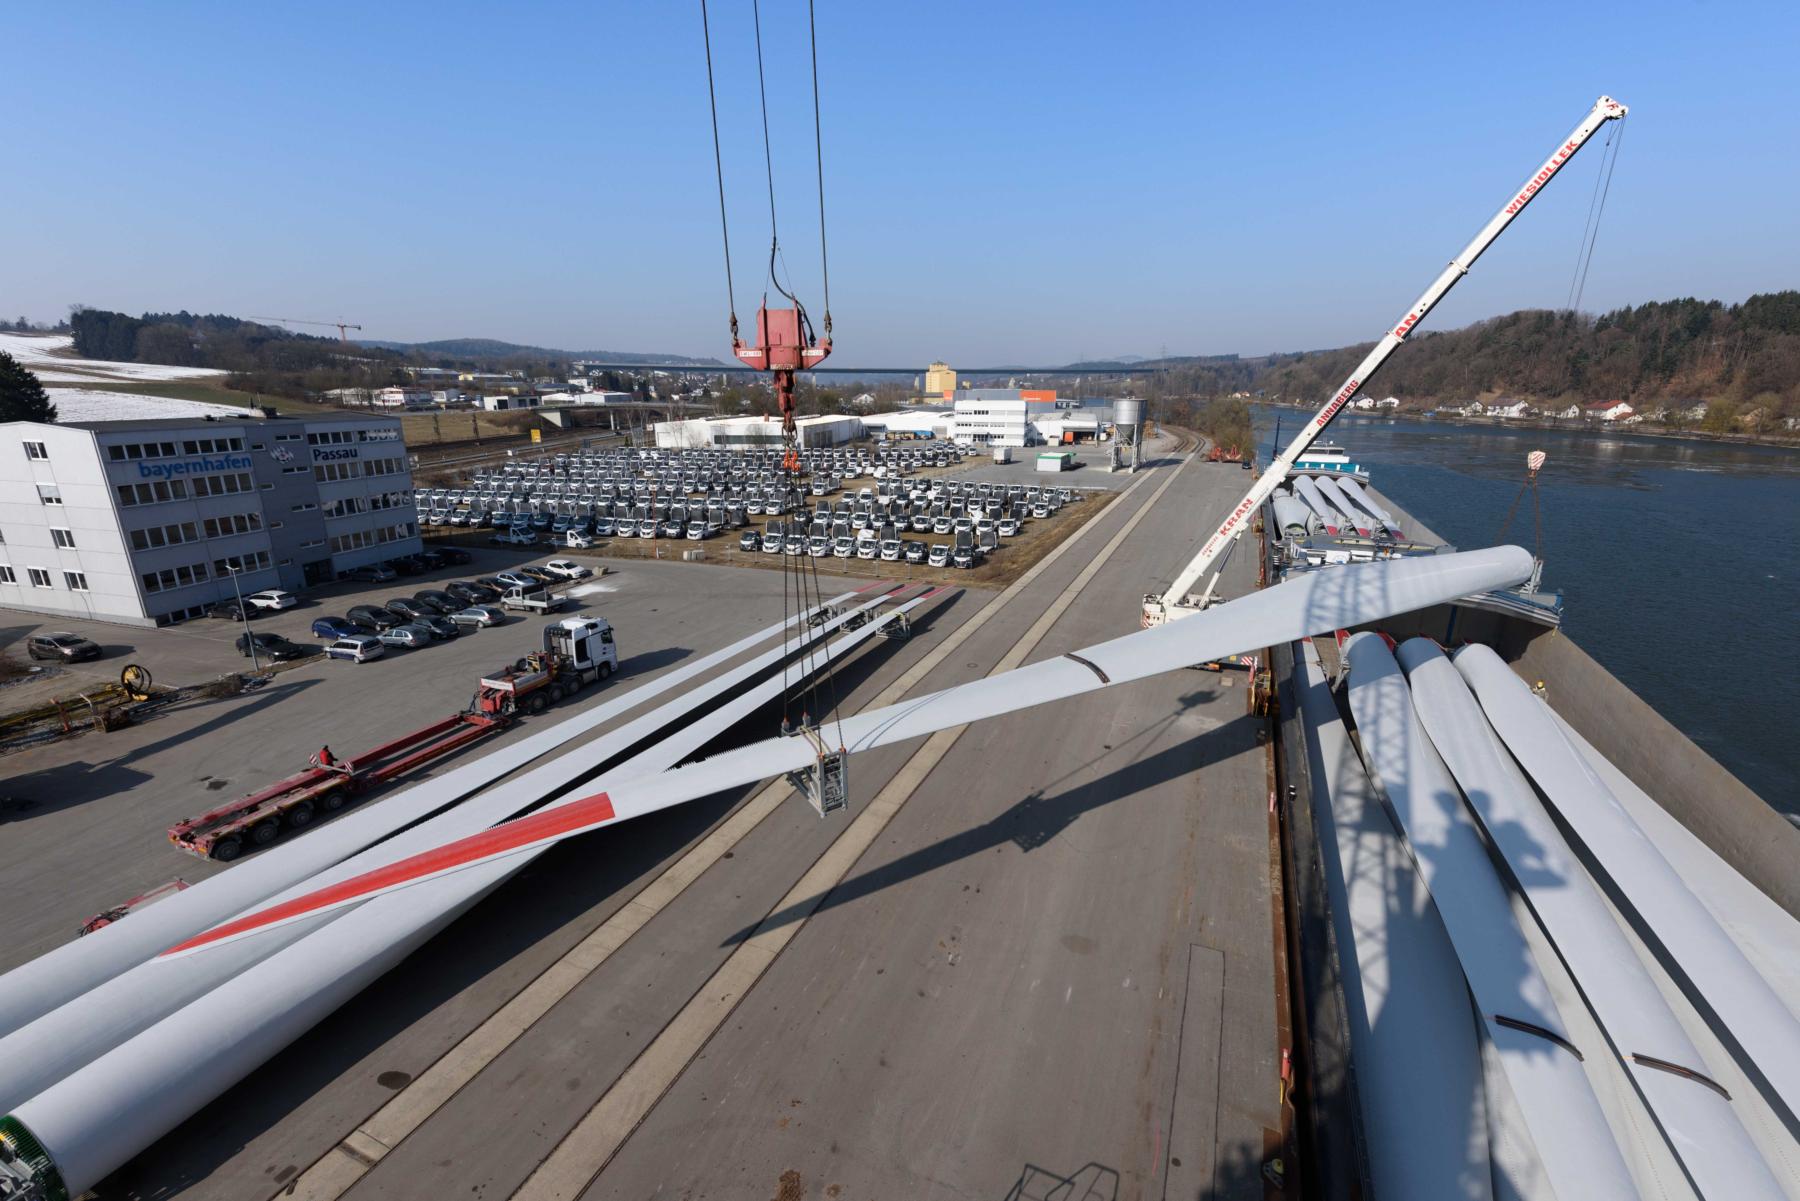 Windkraftflügel Schwergut Umschlag bayernhafen Passau